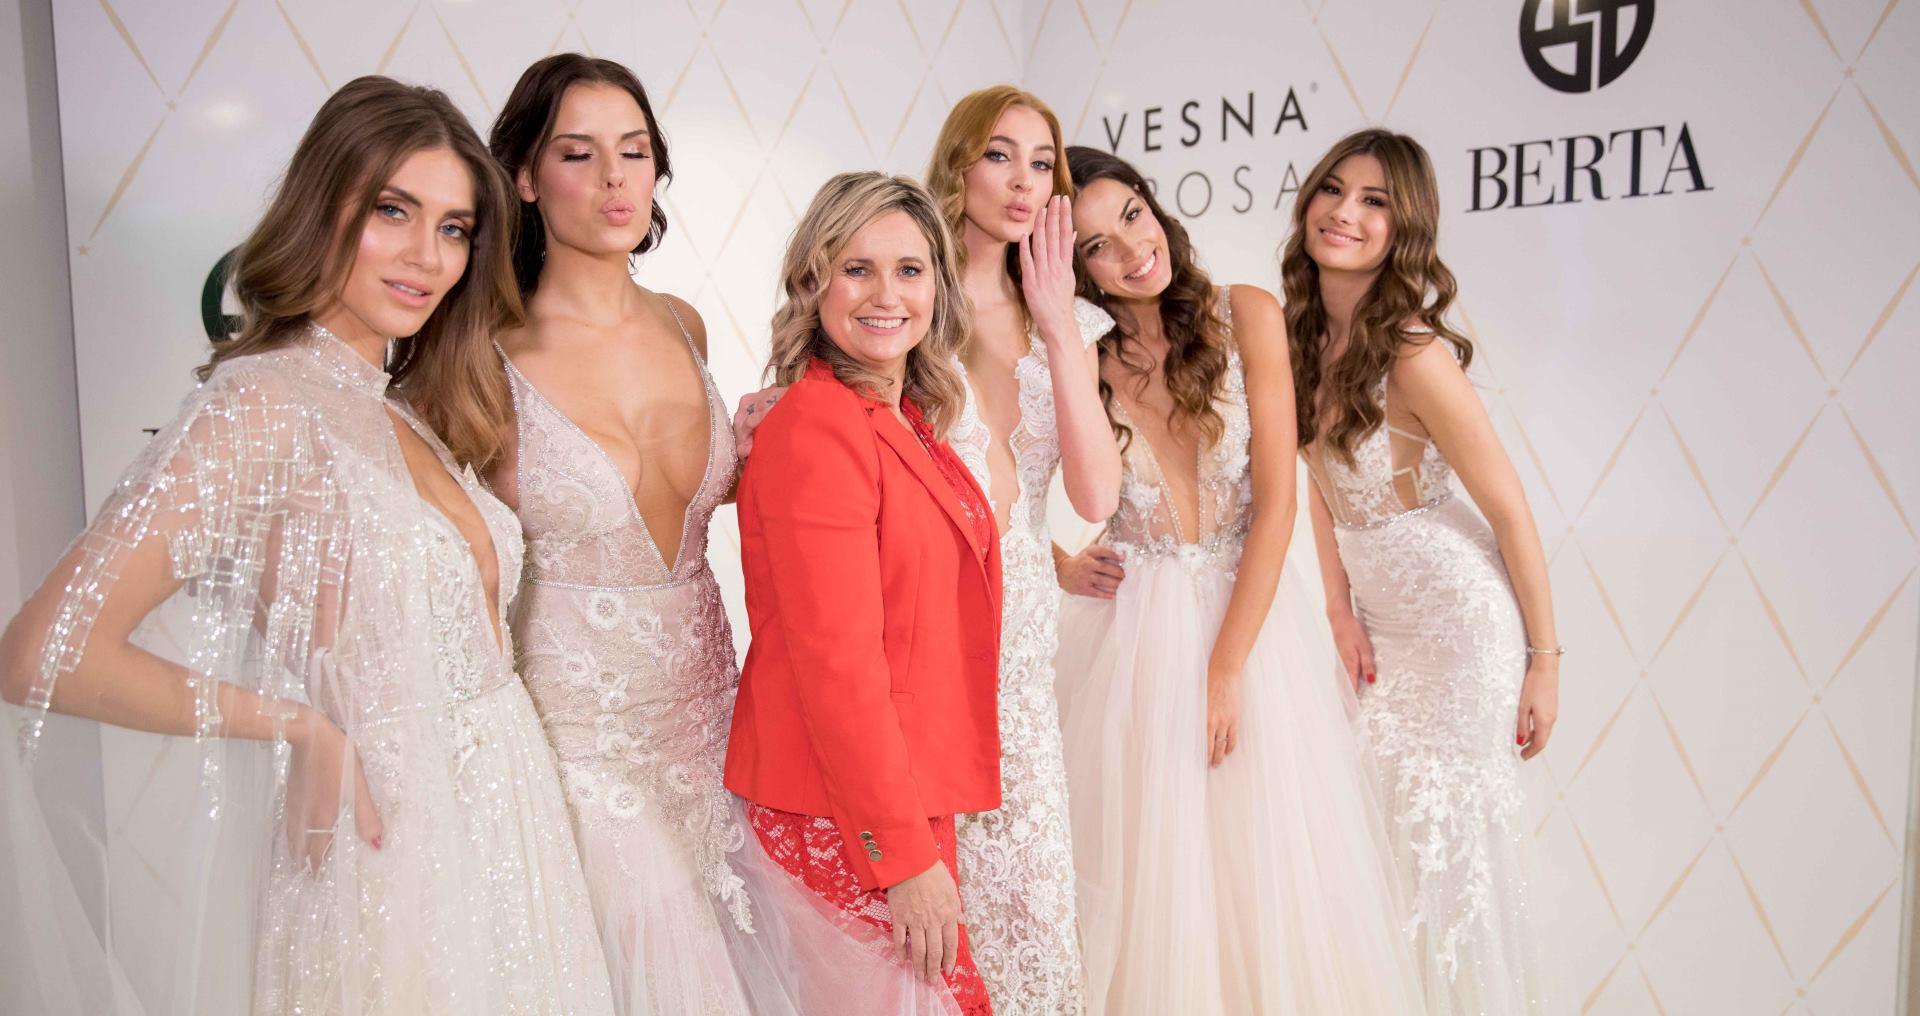 FOTO: Vrlo cijenjena etiketa Berta Beliti stigla u Vesna SPOSA salone